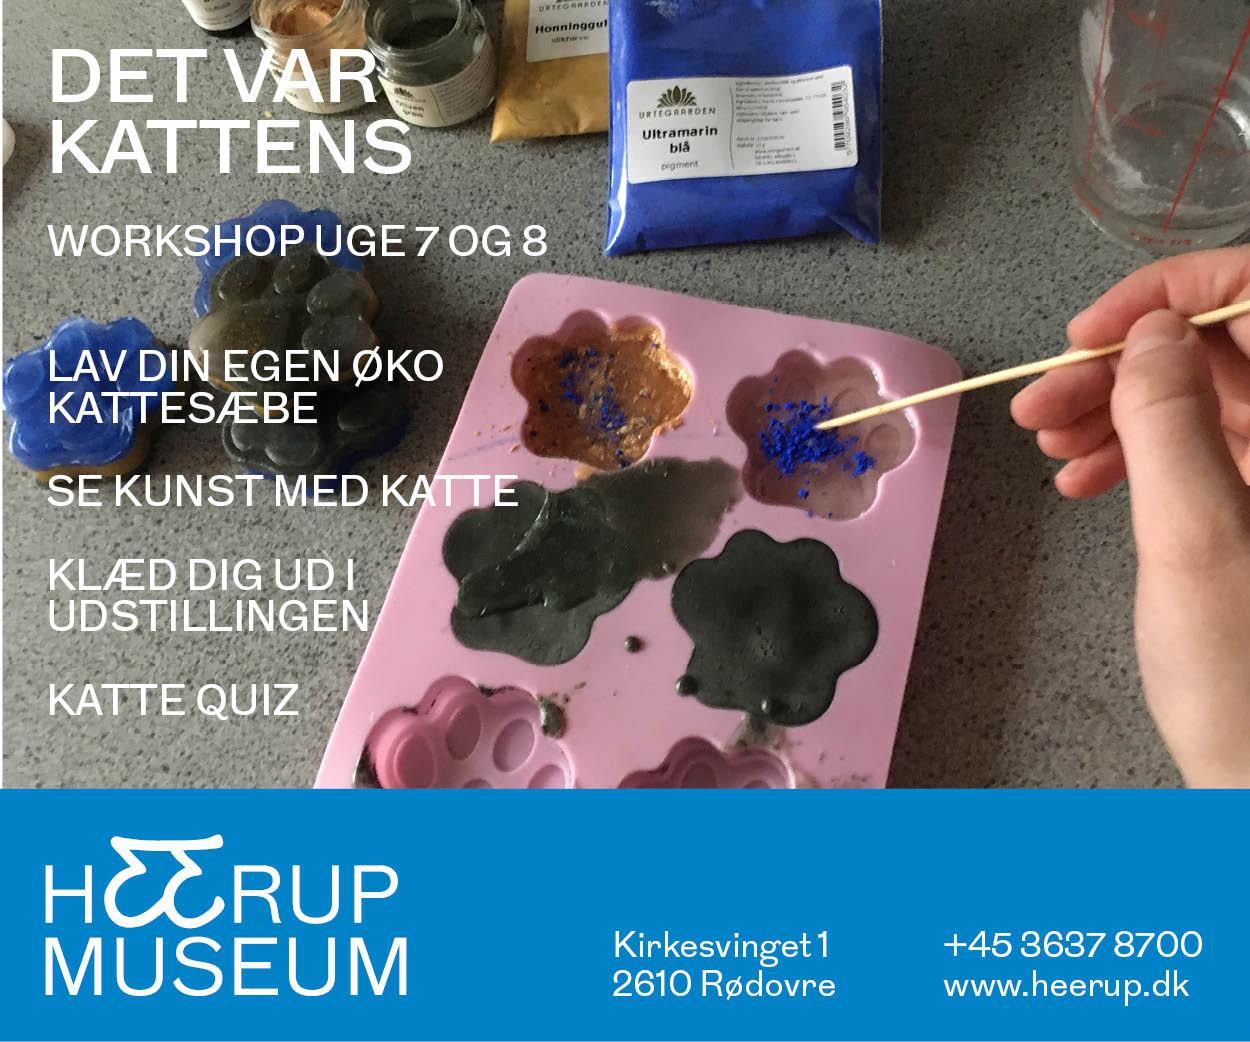 Heerup Museum Det var kattens